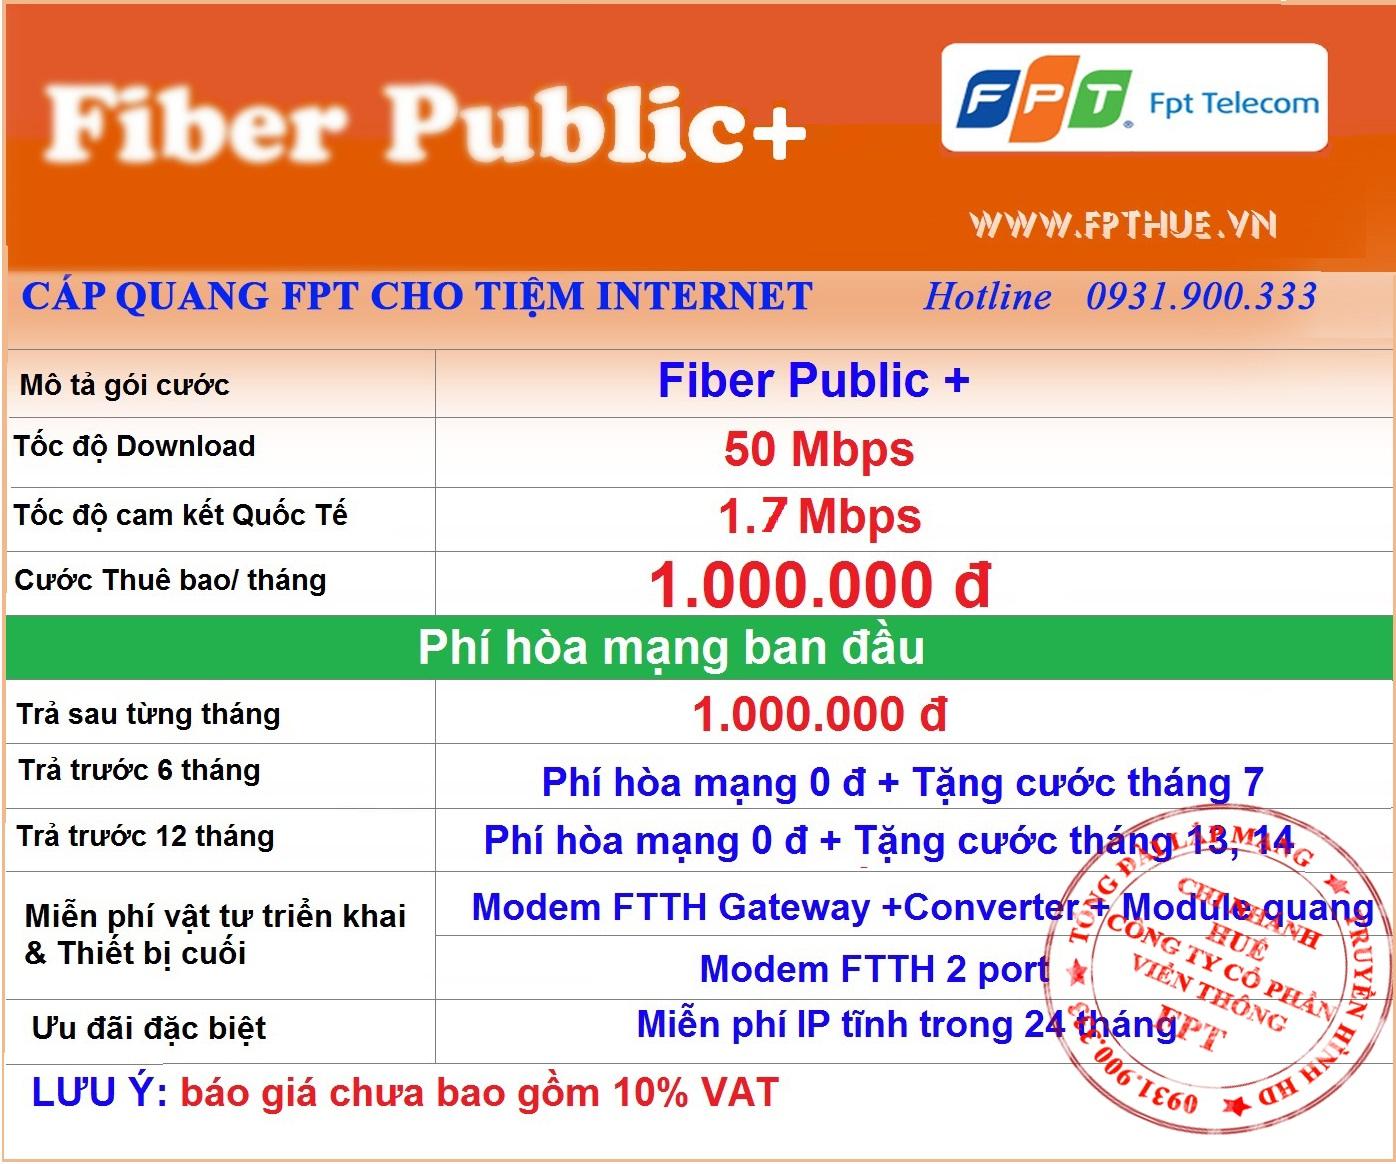 Cáp quang FPT cho tiệm internet